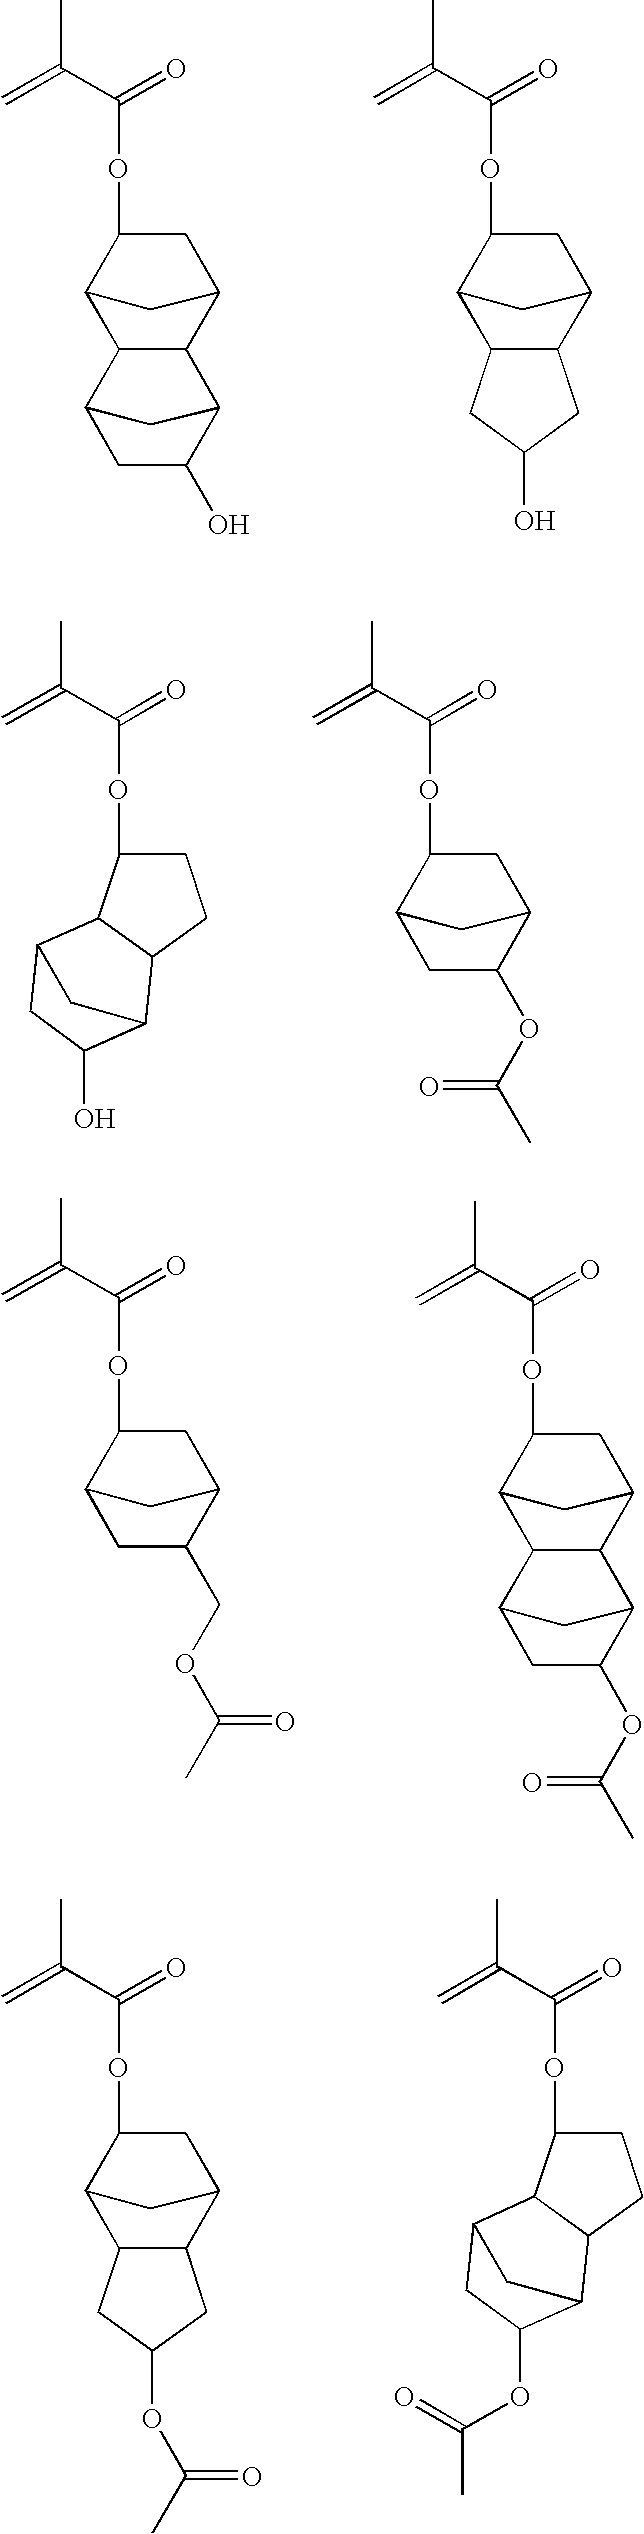 Figure US07368218-20080506-C00034